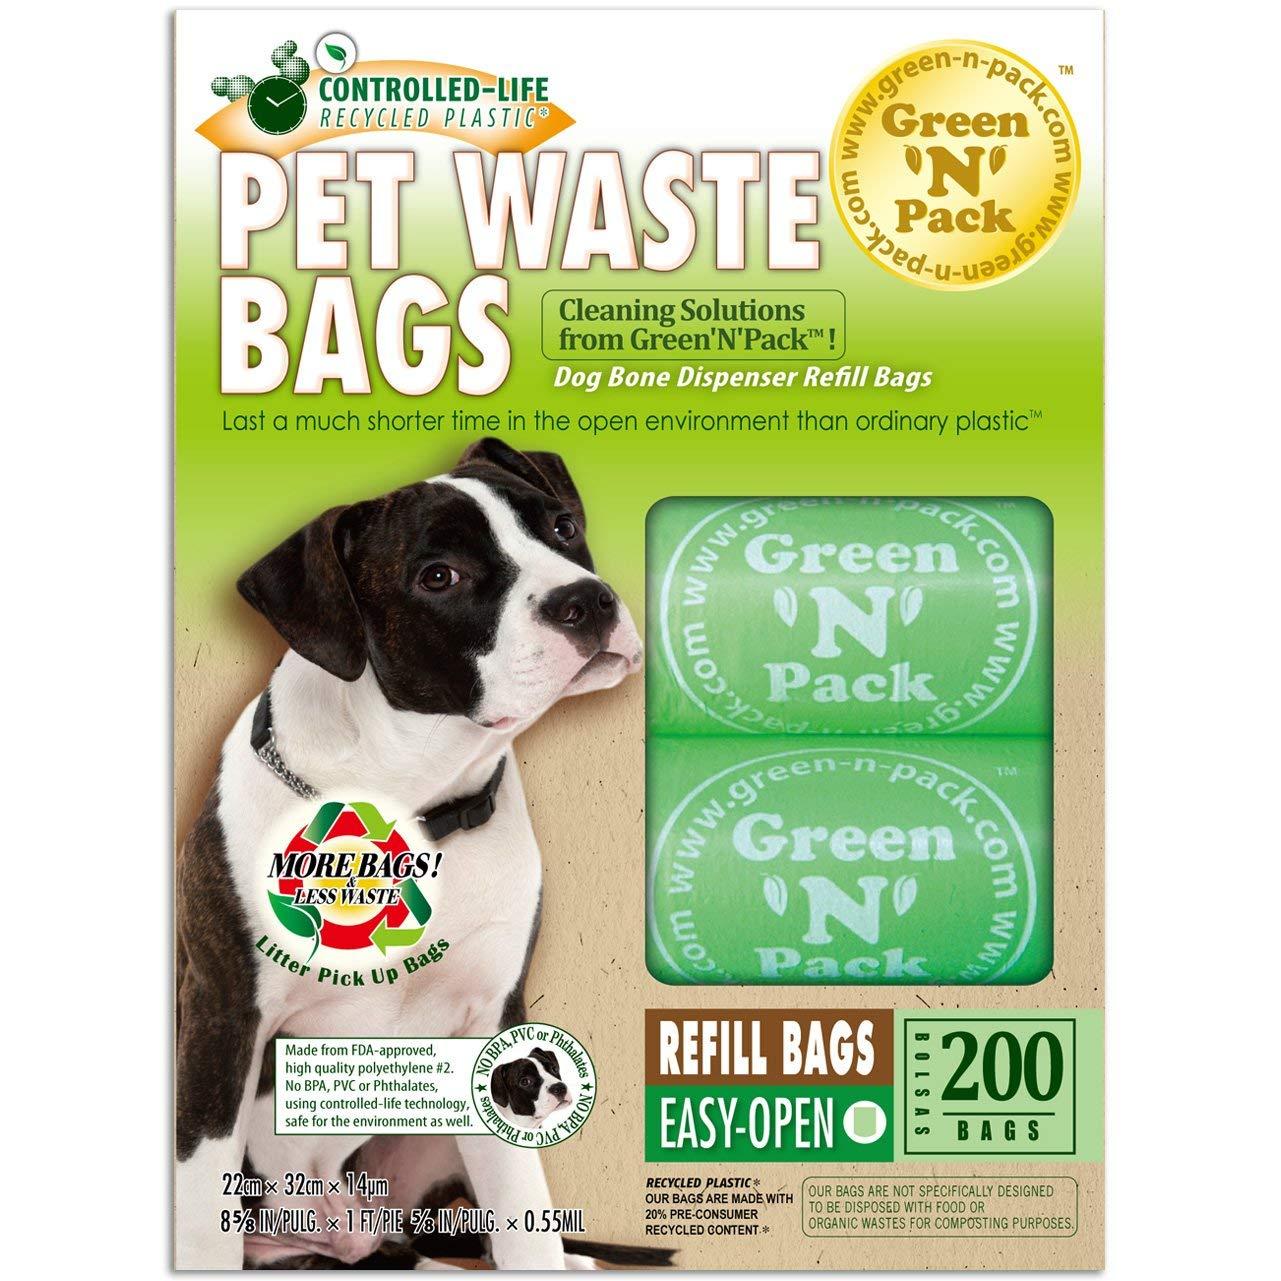 Green N Pack Eco Friendly Bags - perro Poo bolsas mochila 75 - 200 bolsas: Amazon.es: Salud y cuidado personal